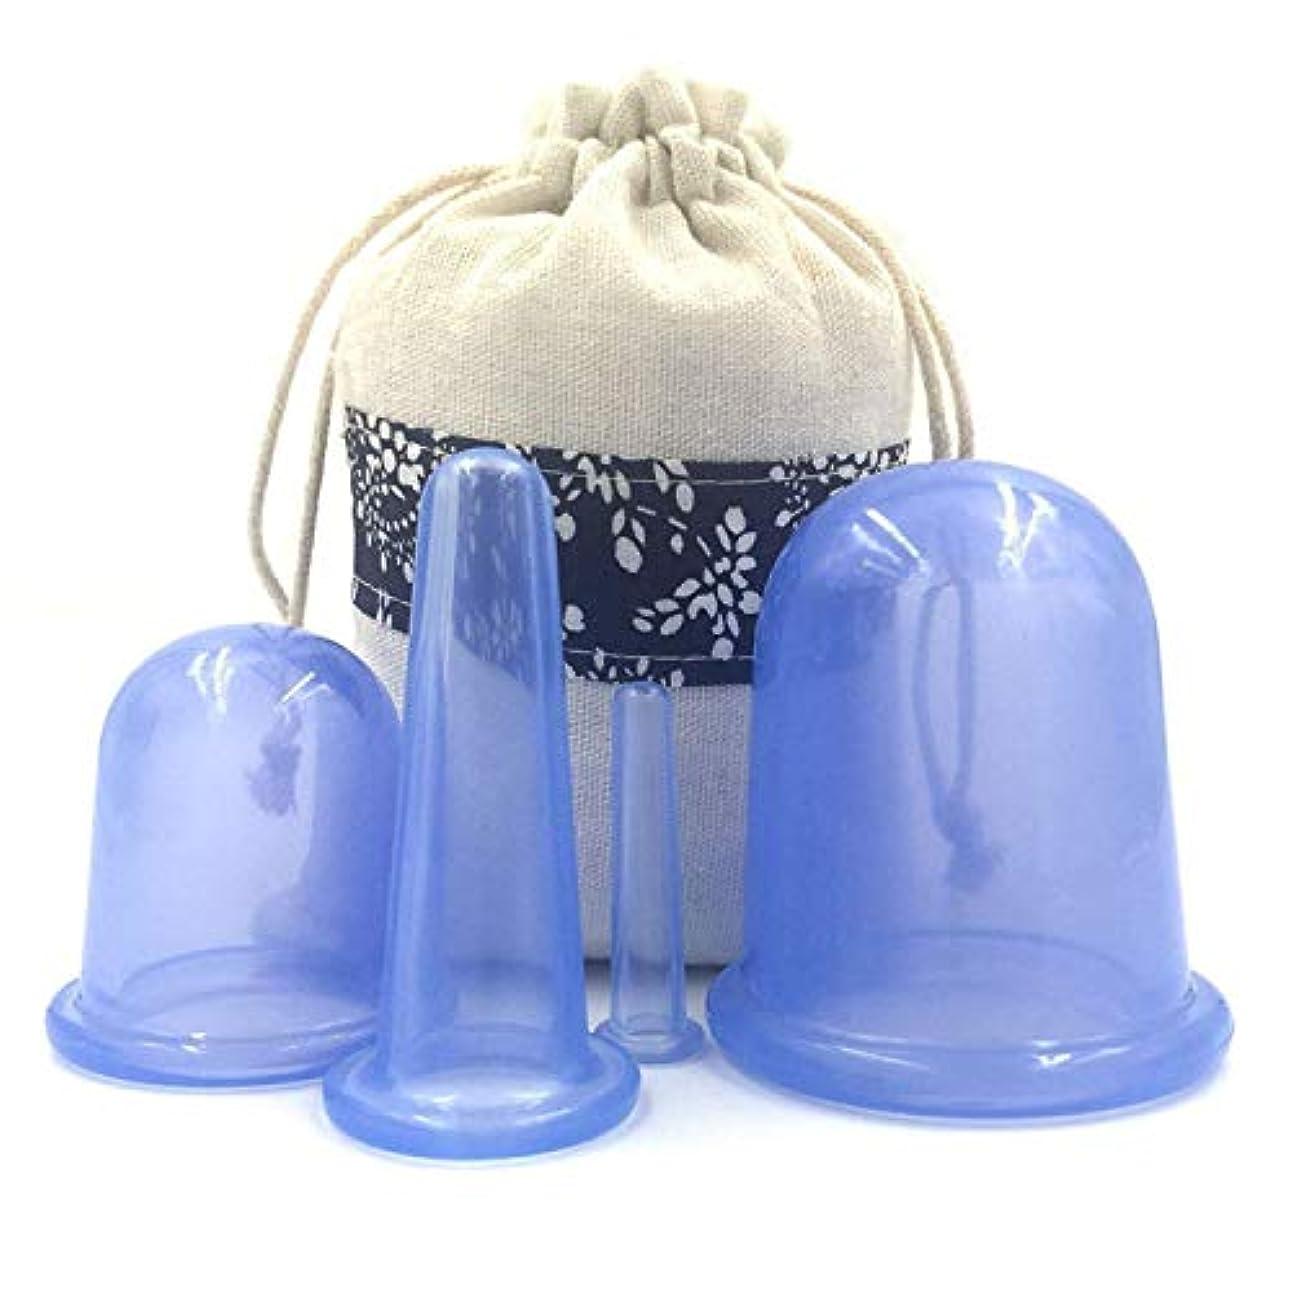 政権印象派また明日ねセルライトカッピング療法シリコーンカッピングセット家庭用水分カッピングカッピングマッサージカップ